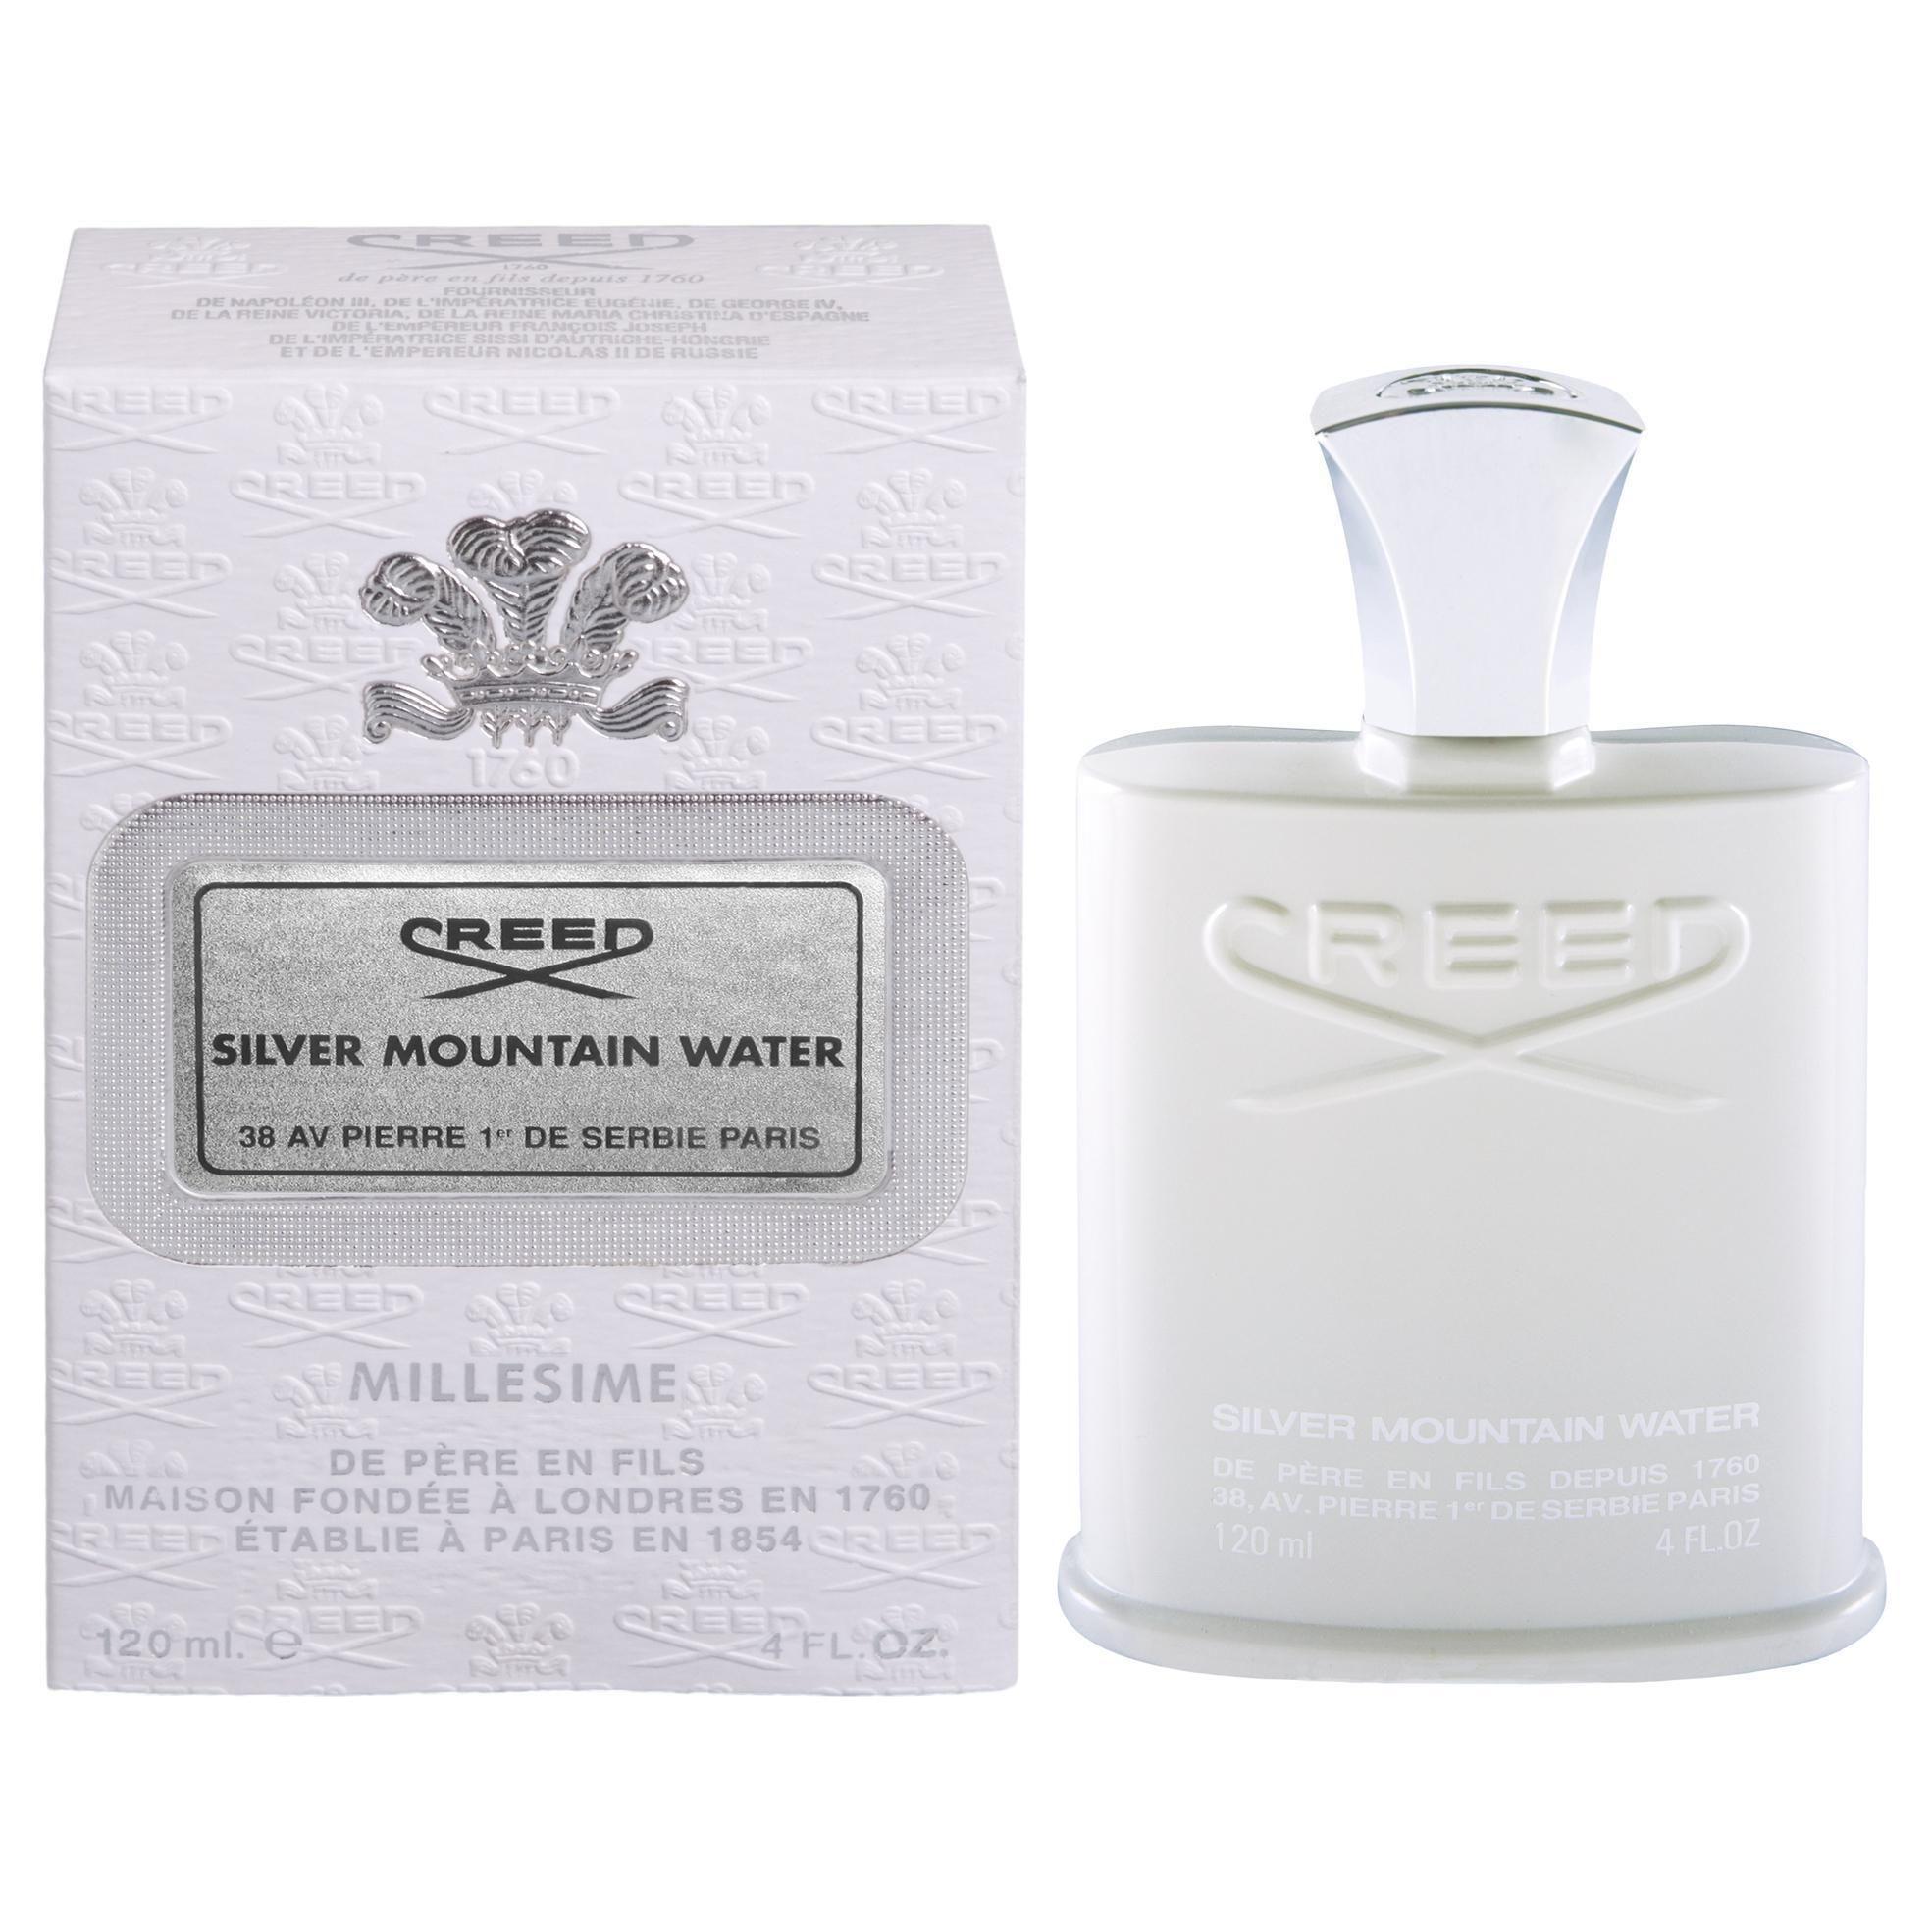 Creed Creed Silver Mountain Water 1112035 120ml Creed Locion Perfume Perfumeria